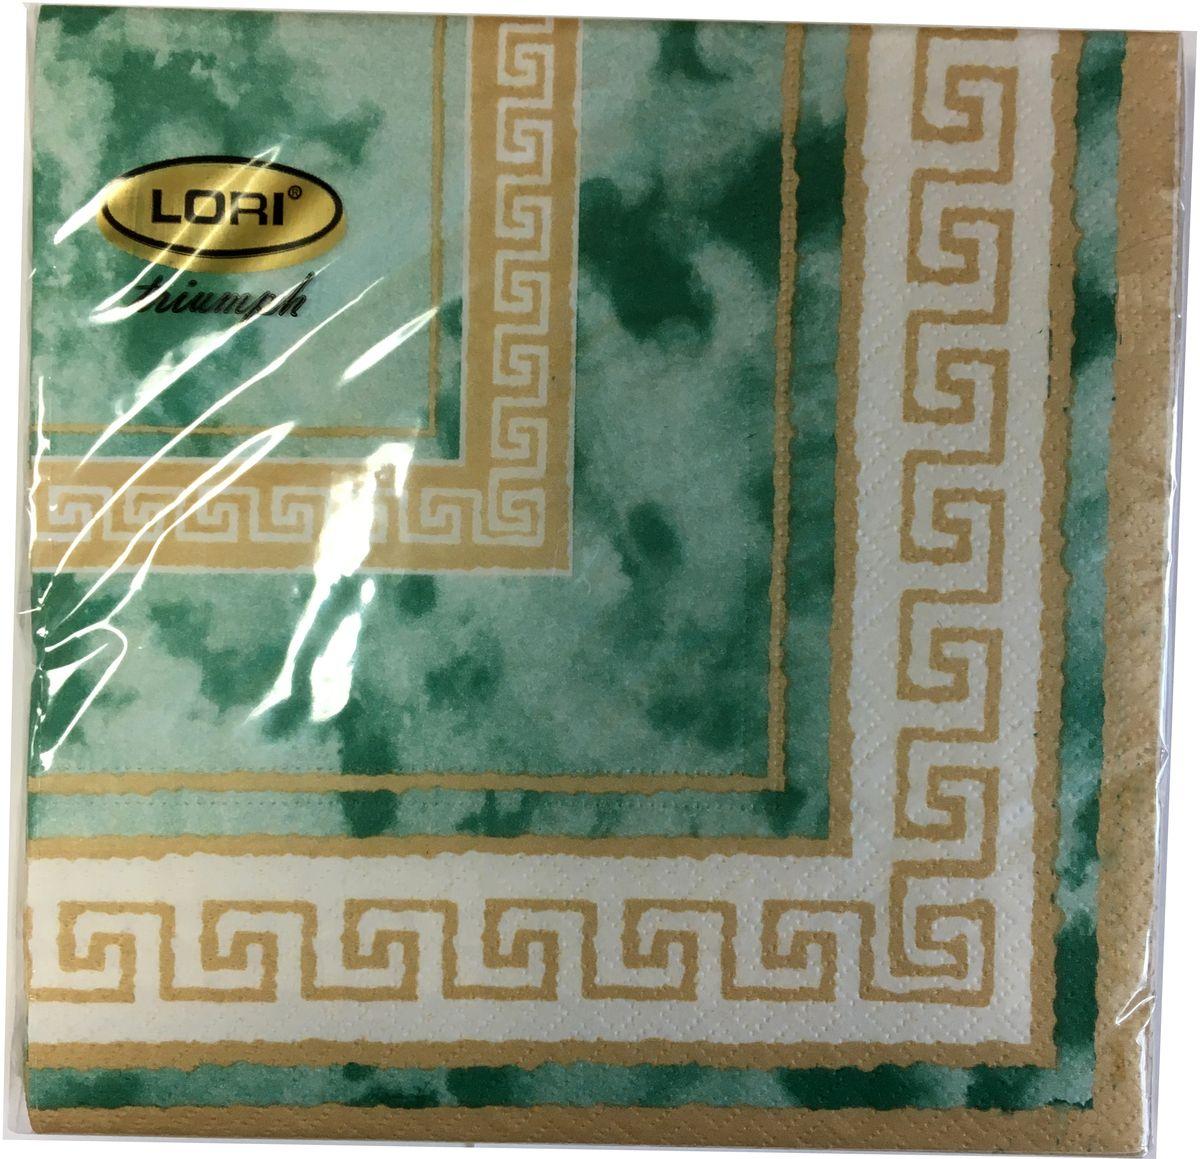 Салфетки бумажные Lori Triumph, трехслойные, цвет: зеленый, коричневый, 33 х 33 см, 20 шт. 56134NN-606-LS-GRДекоративные трехслойные салфетки Lori Triumph выполнены из 100% целлюлозы и оформлены ярким рисунком. Изделия станут отличным дополнением любого праздничного стола. Они отличаются необычной мягкостью, прочностью и оригинальностью.Размер салфеток в развернутом виде: 33 х 33 см.